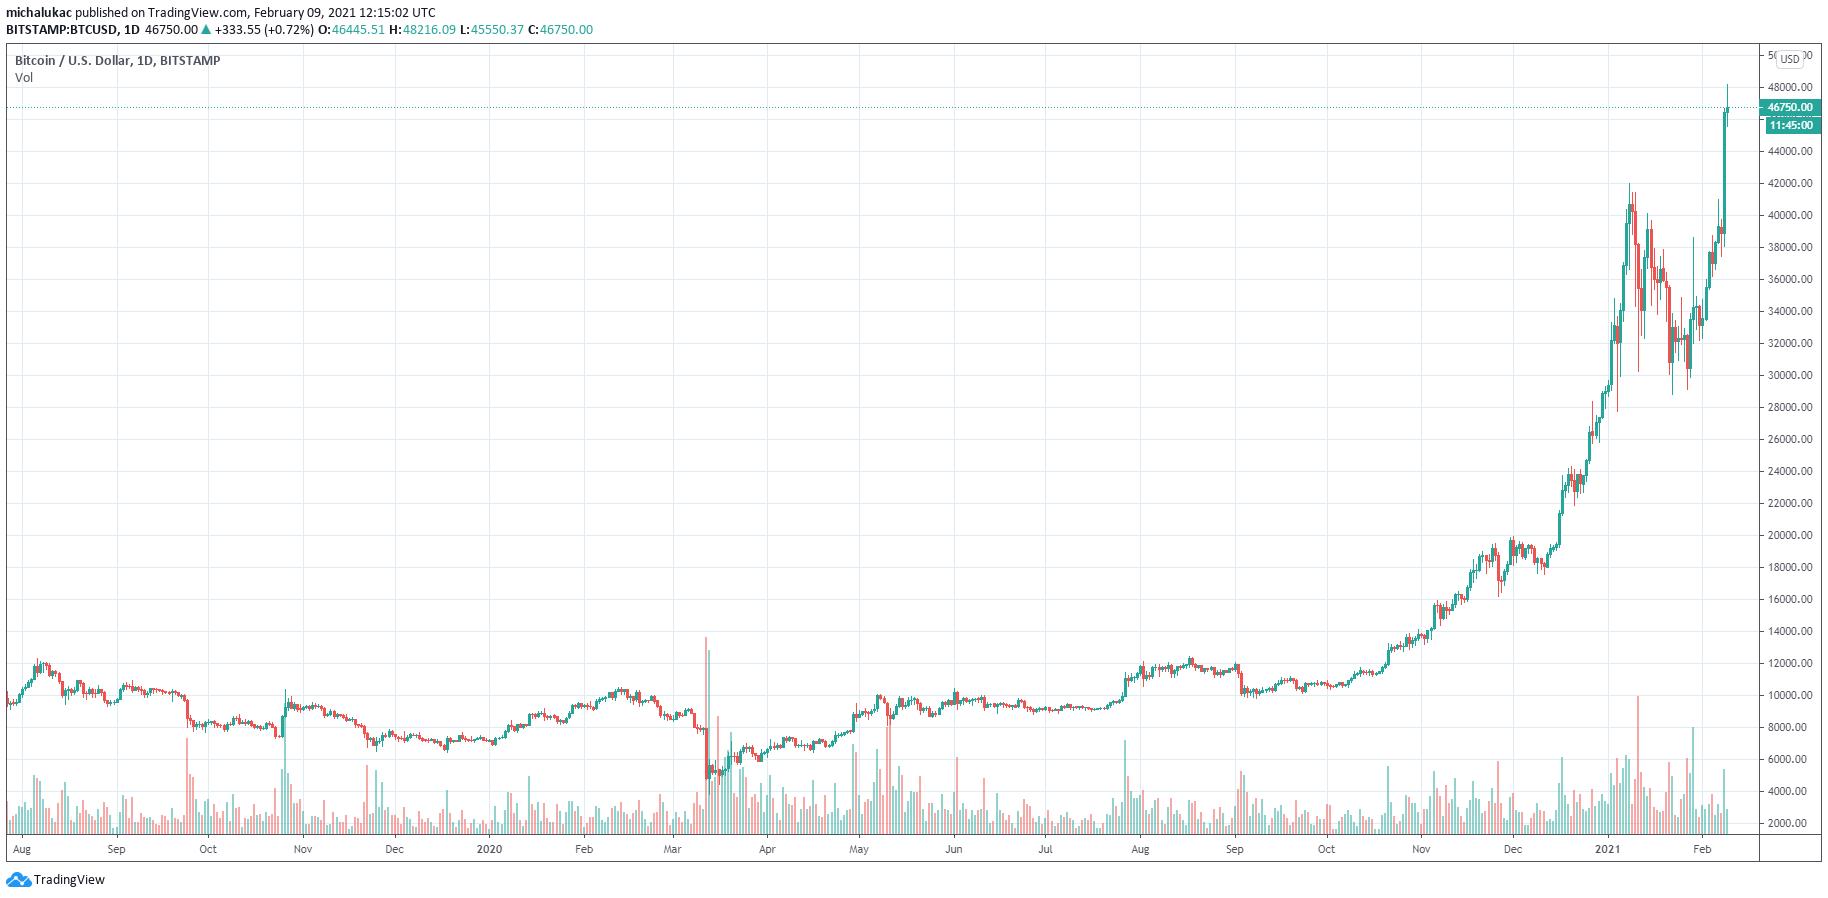 Măcel pe piețele de criptomonede. Bitcoin a picat cu 30%, miercuri